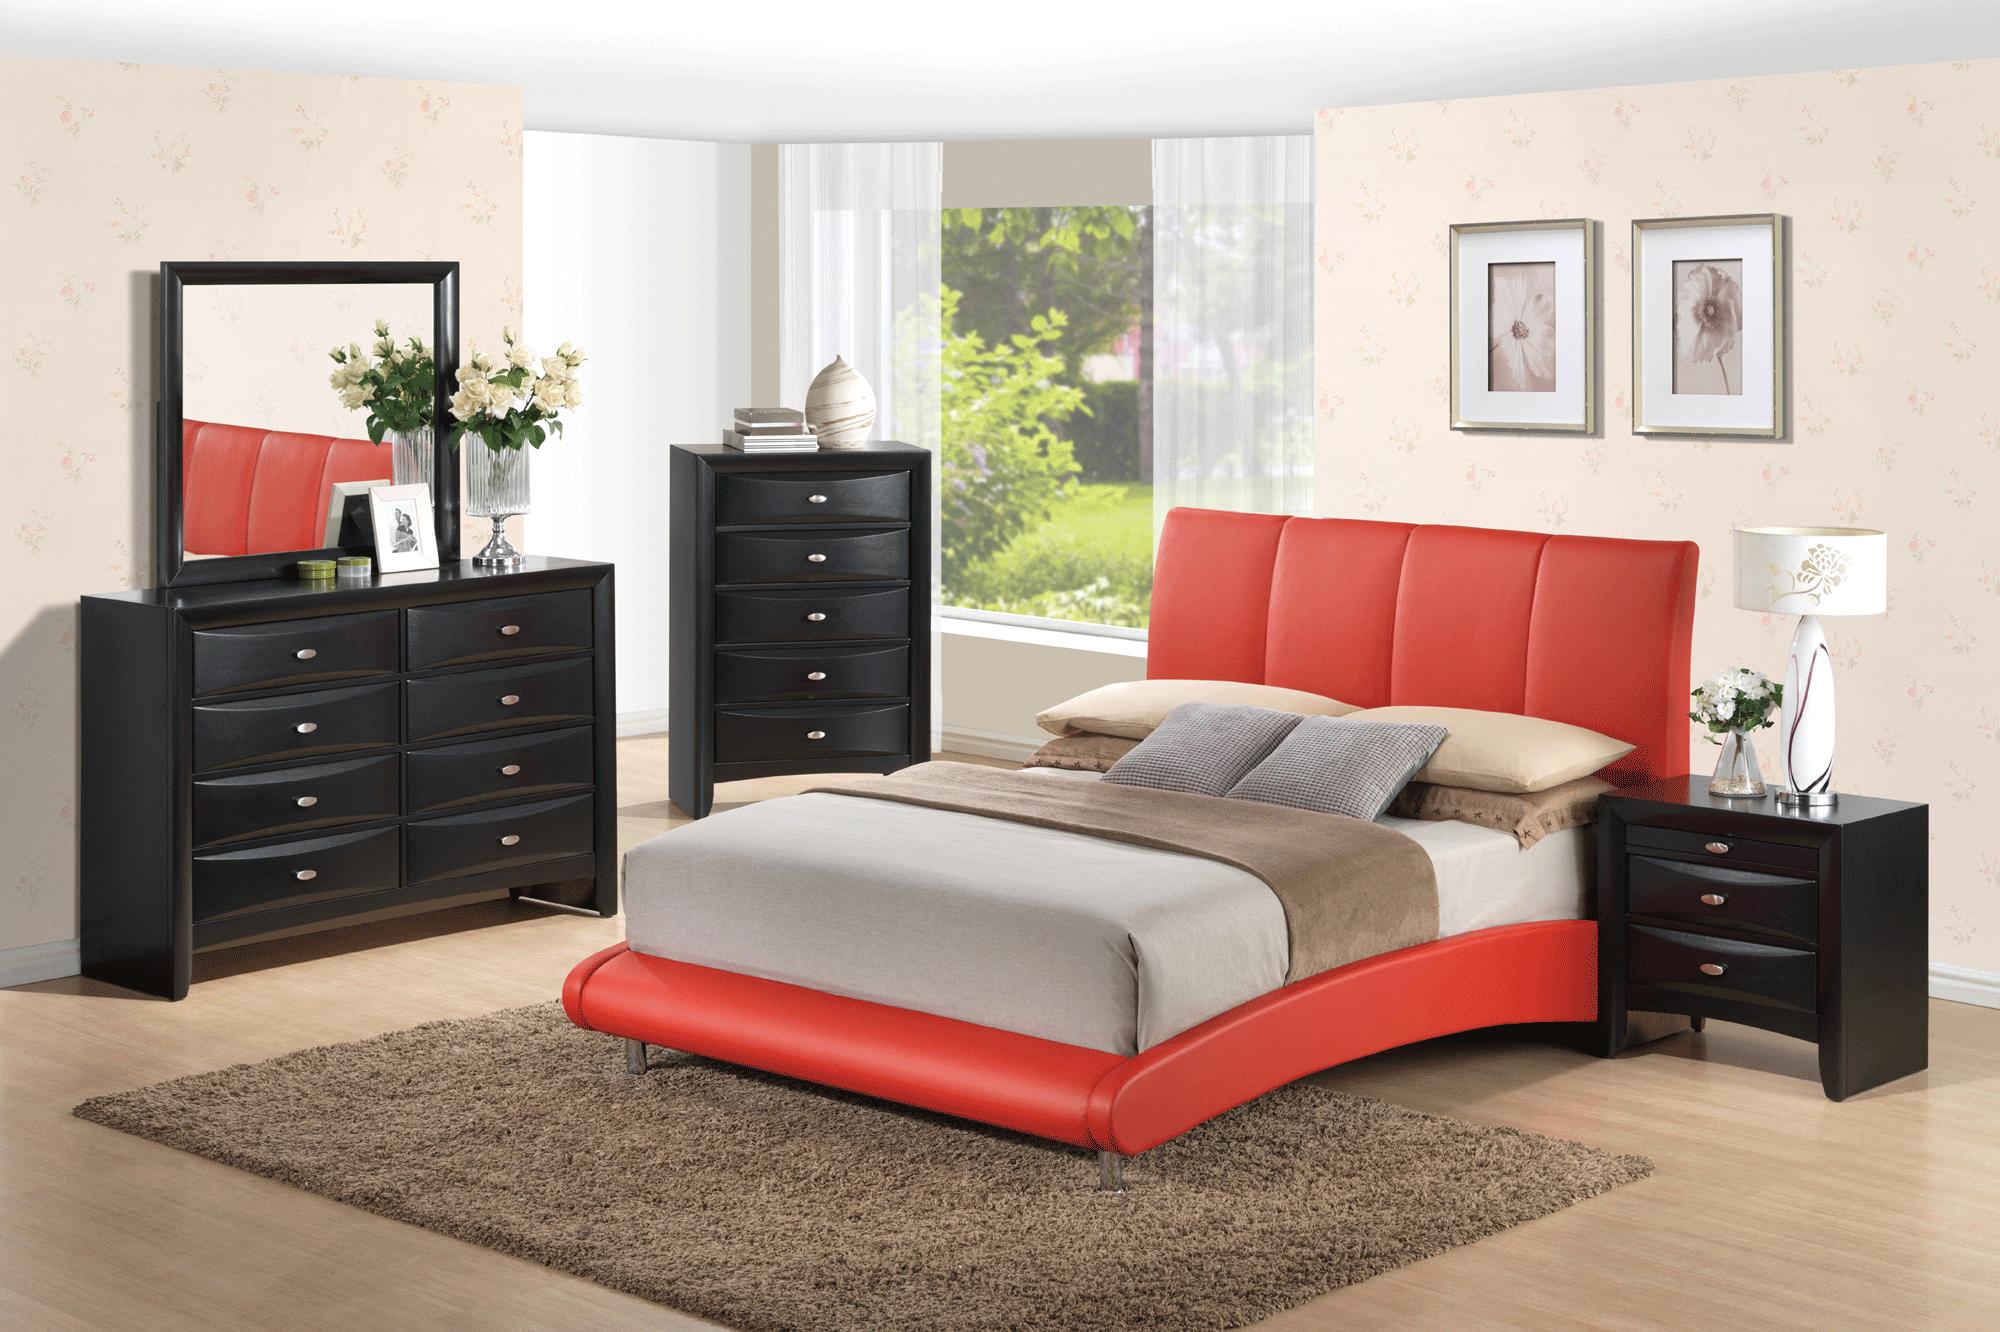 Linda Black Bedroom Set W 8272 Red Pu Bed By Global